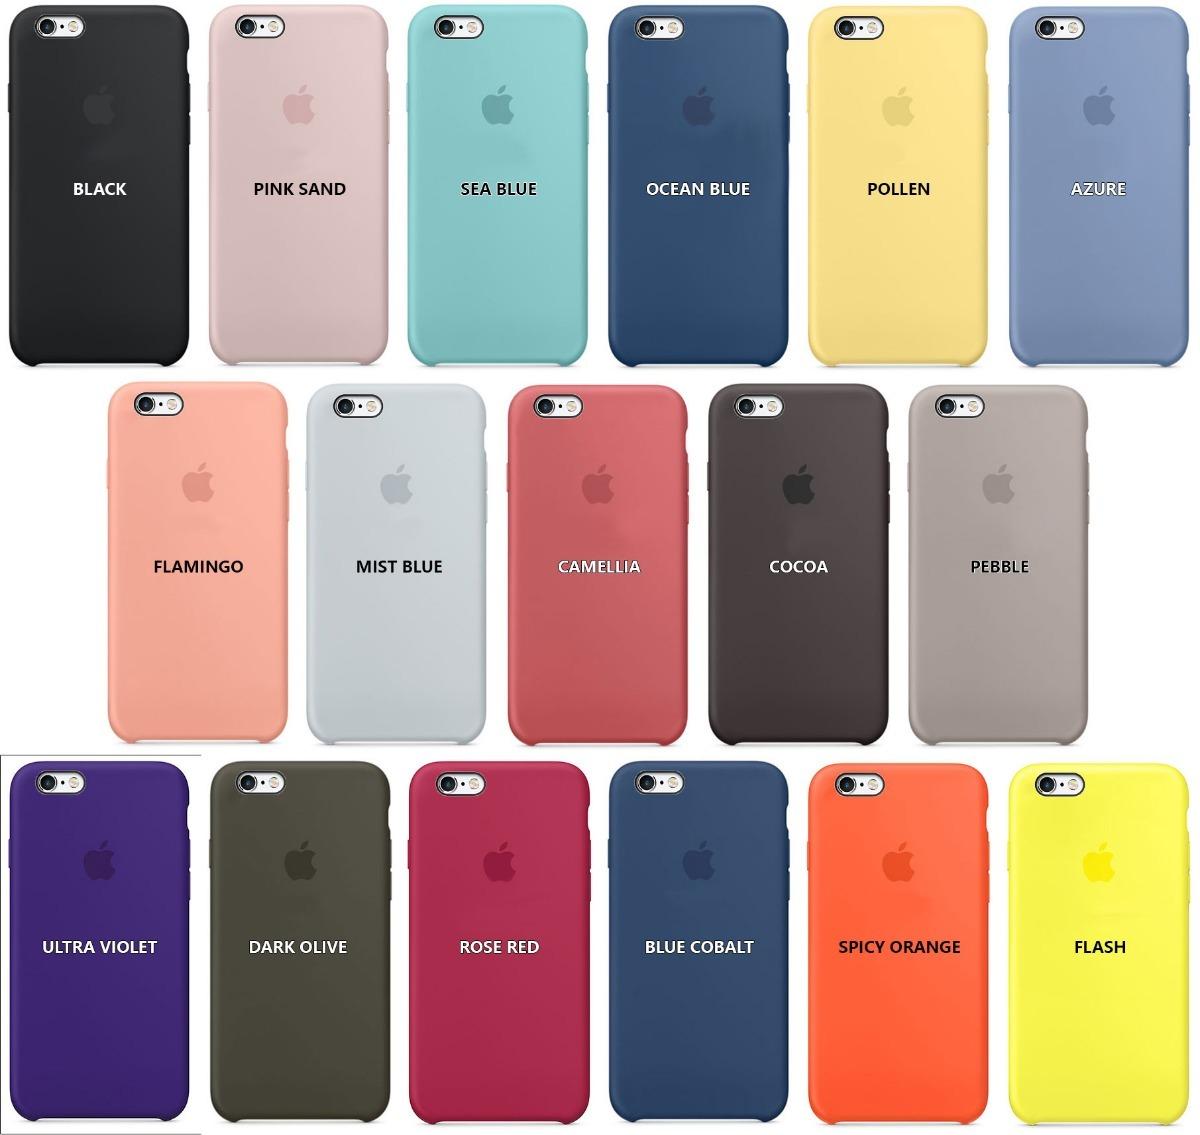 funda iphone s6